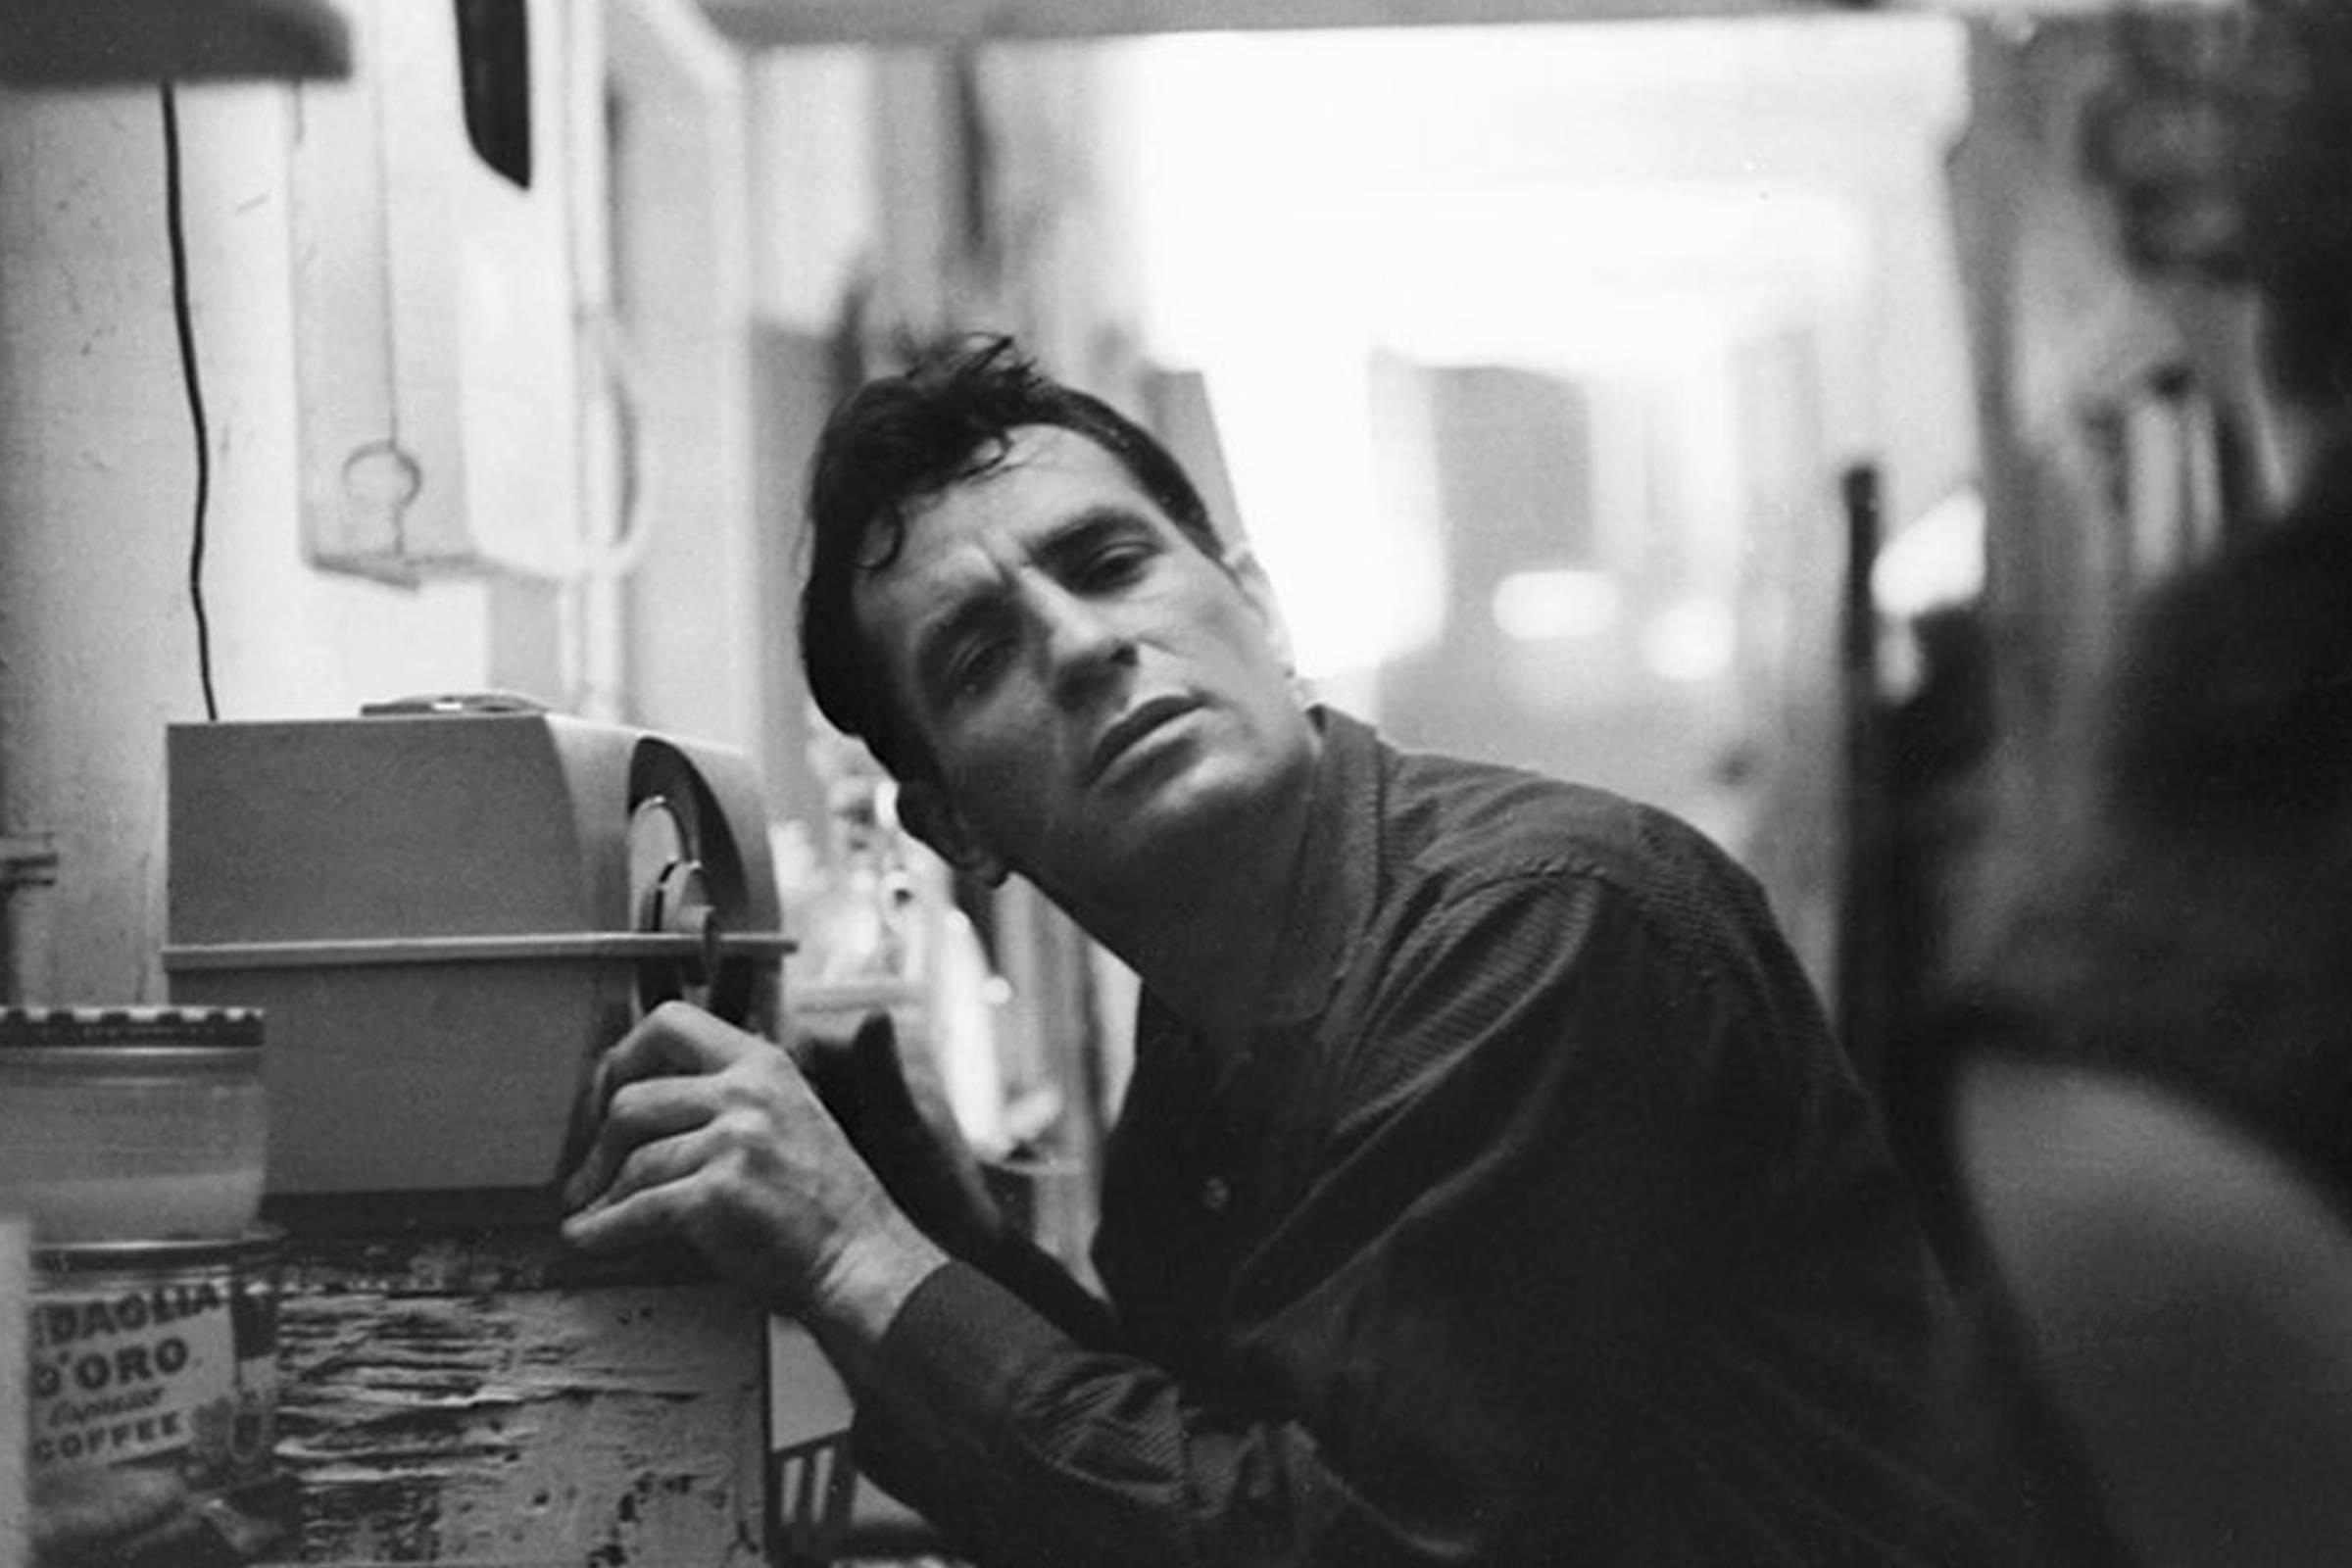 Jack Kerouac in 1959